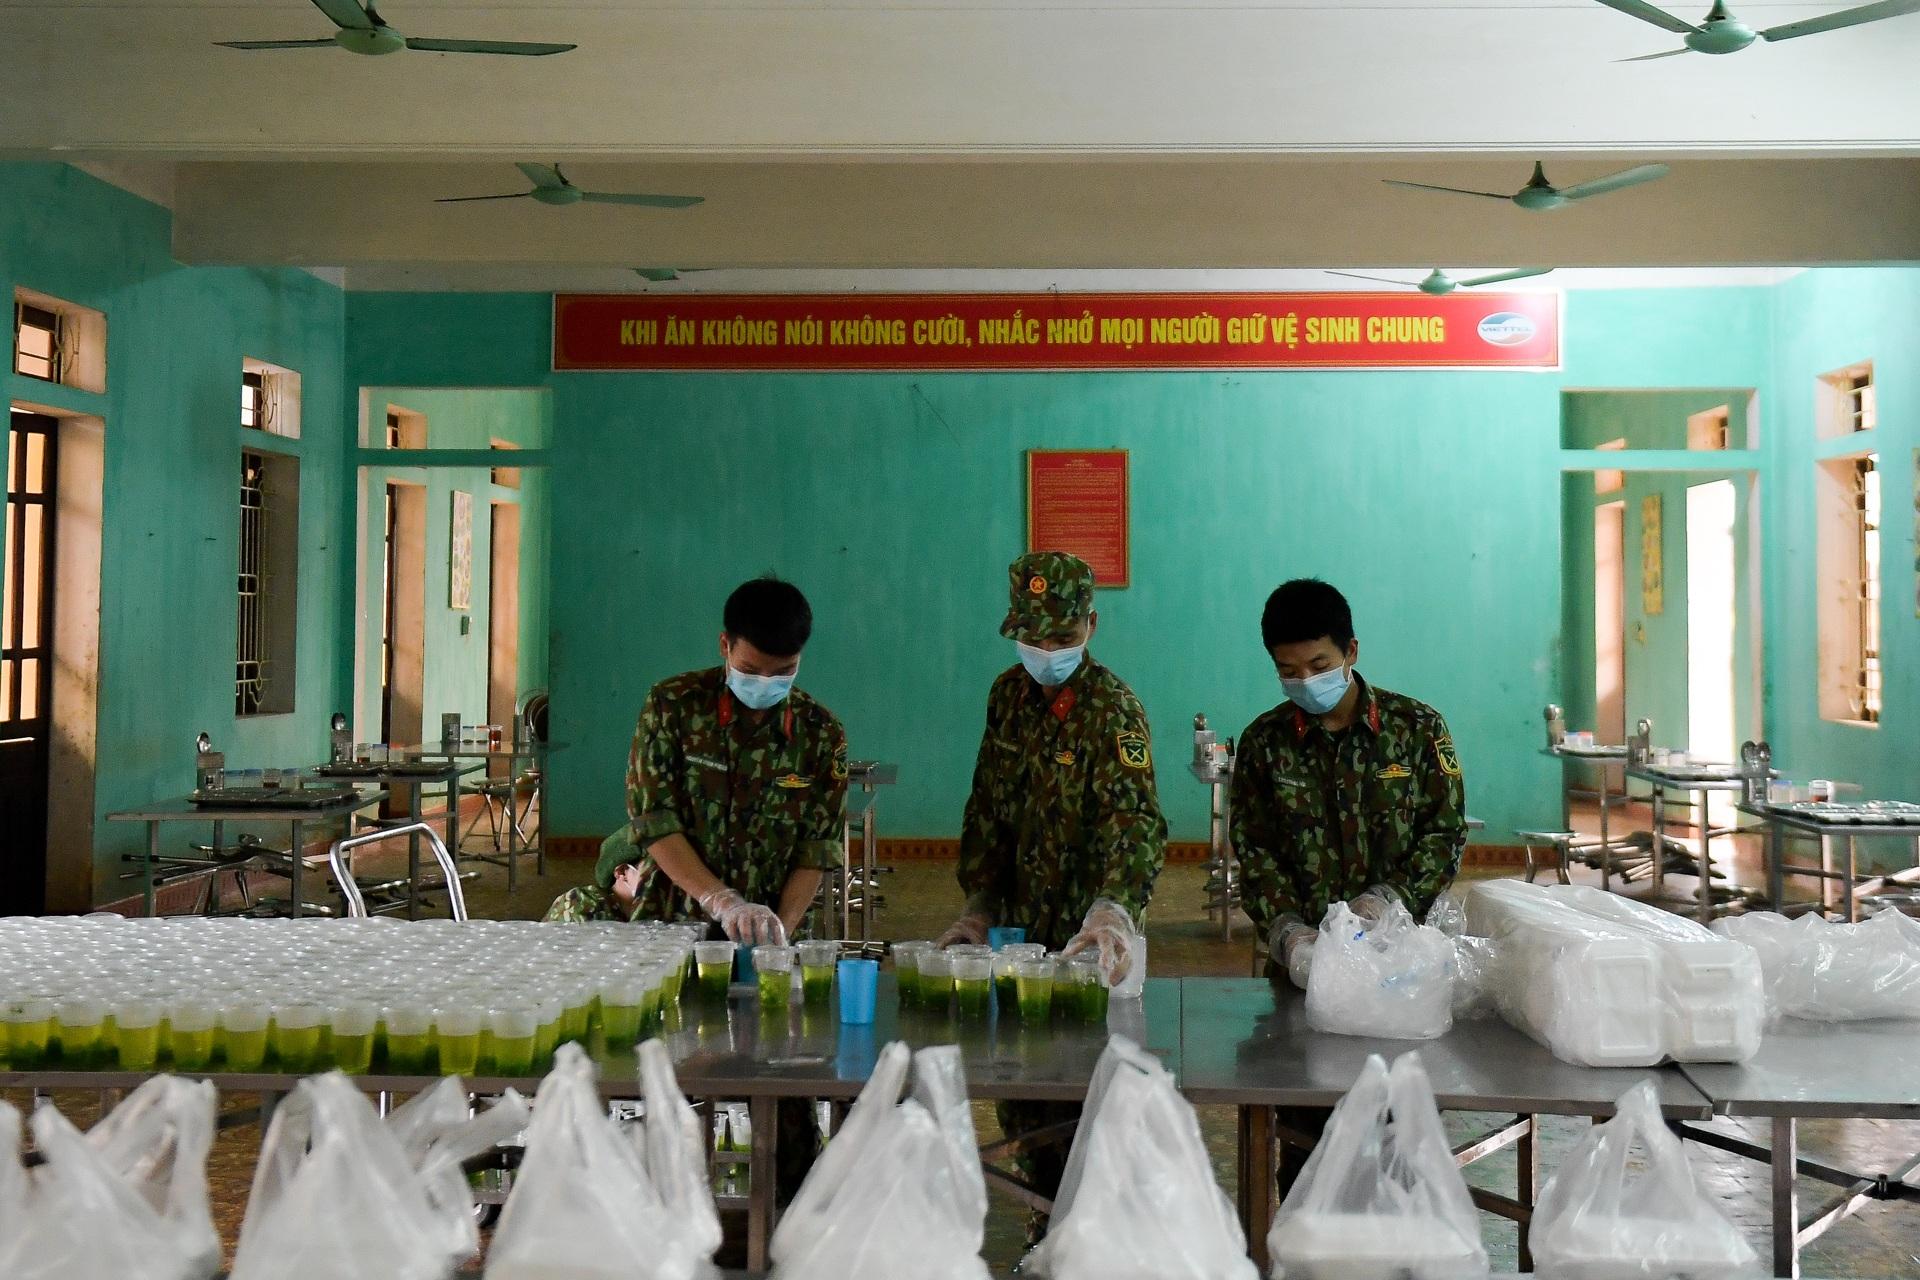 Chiến sĩ vội vã chuẩn bị hàng trăm suất cơm trong khu cách ly tại Lạng Sơn - 13